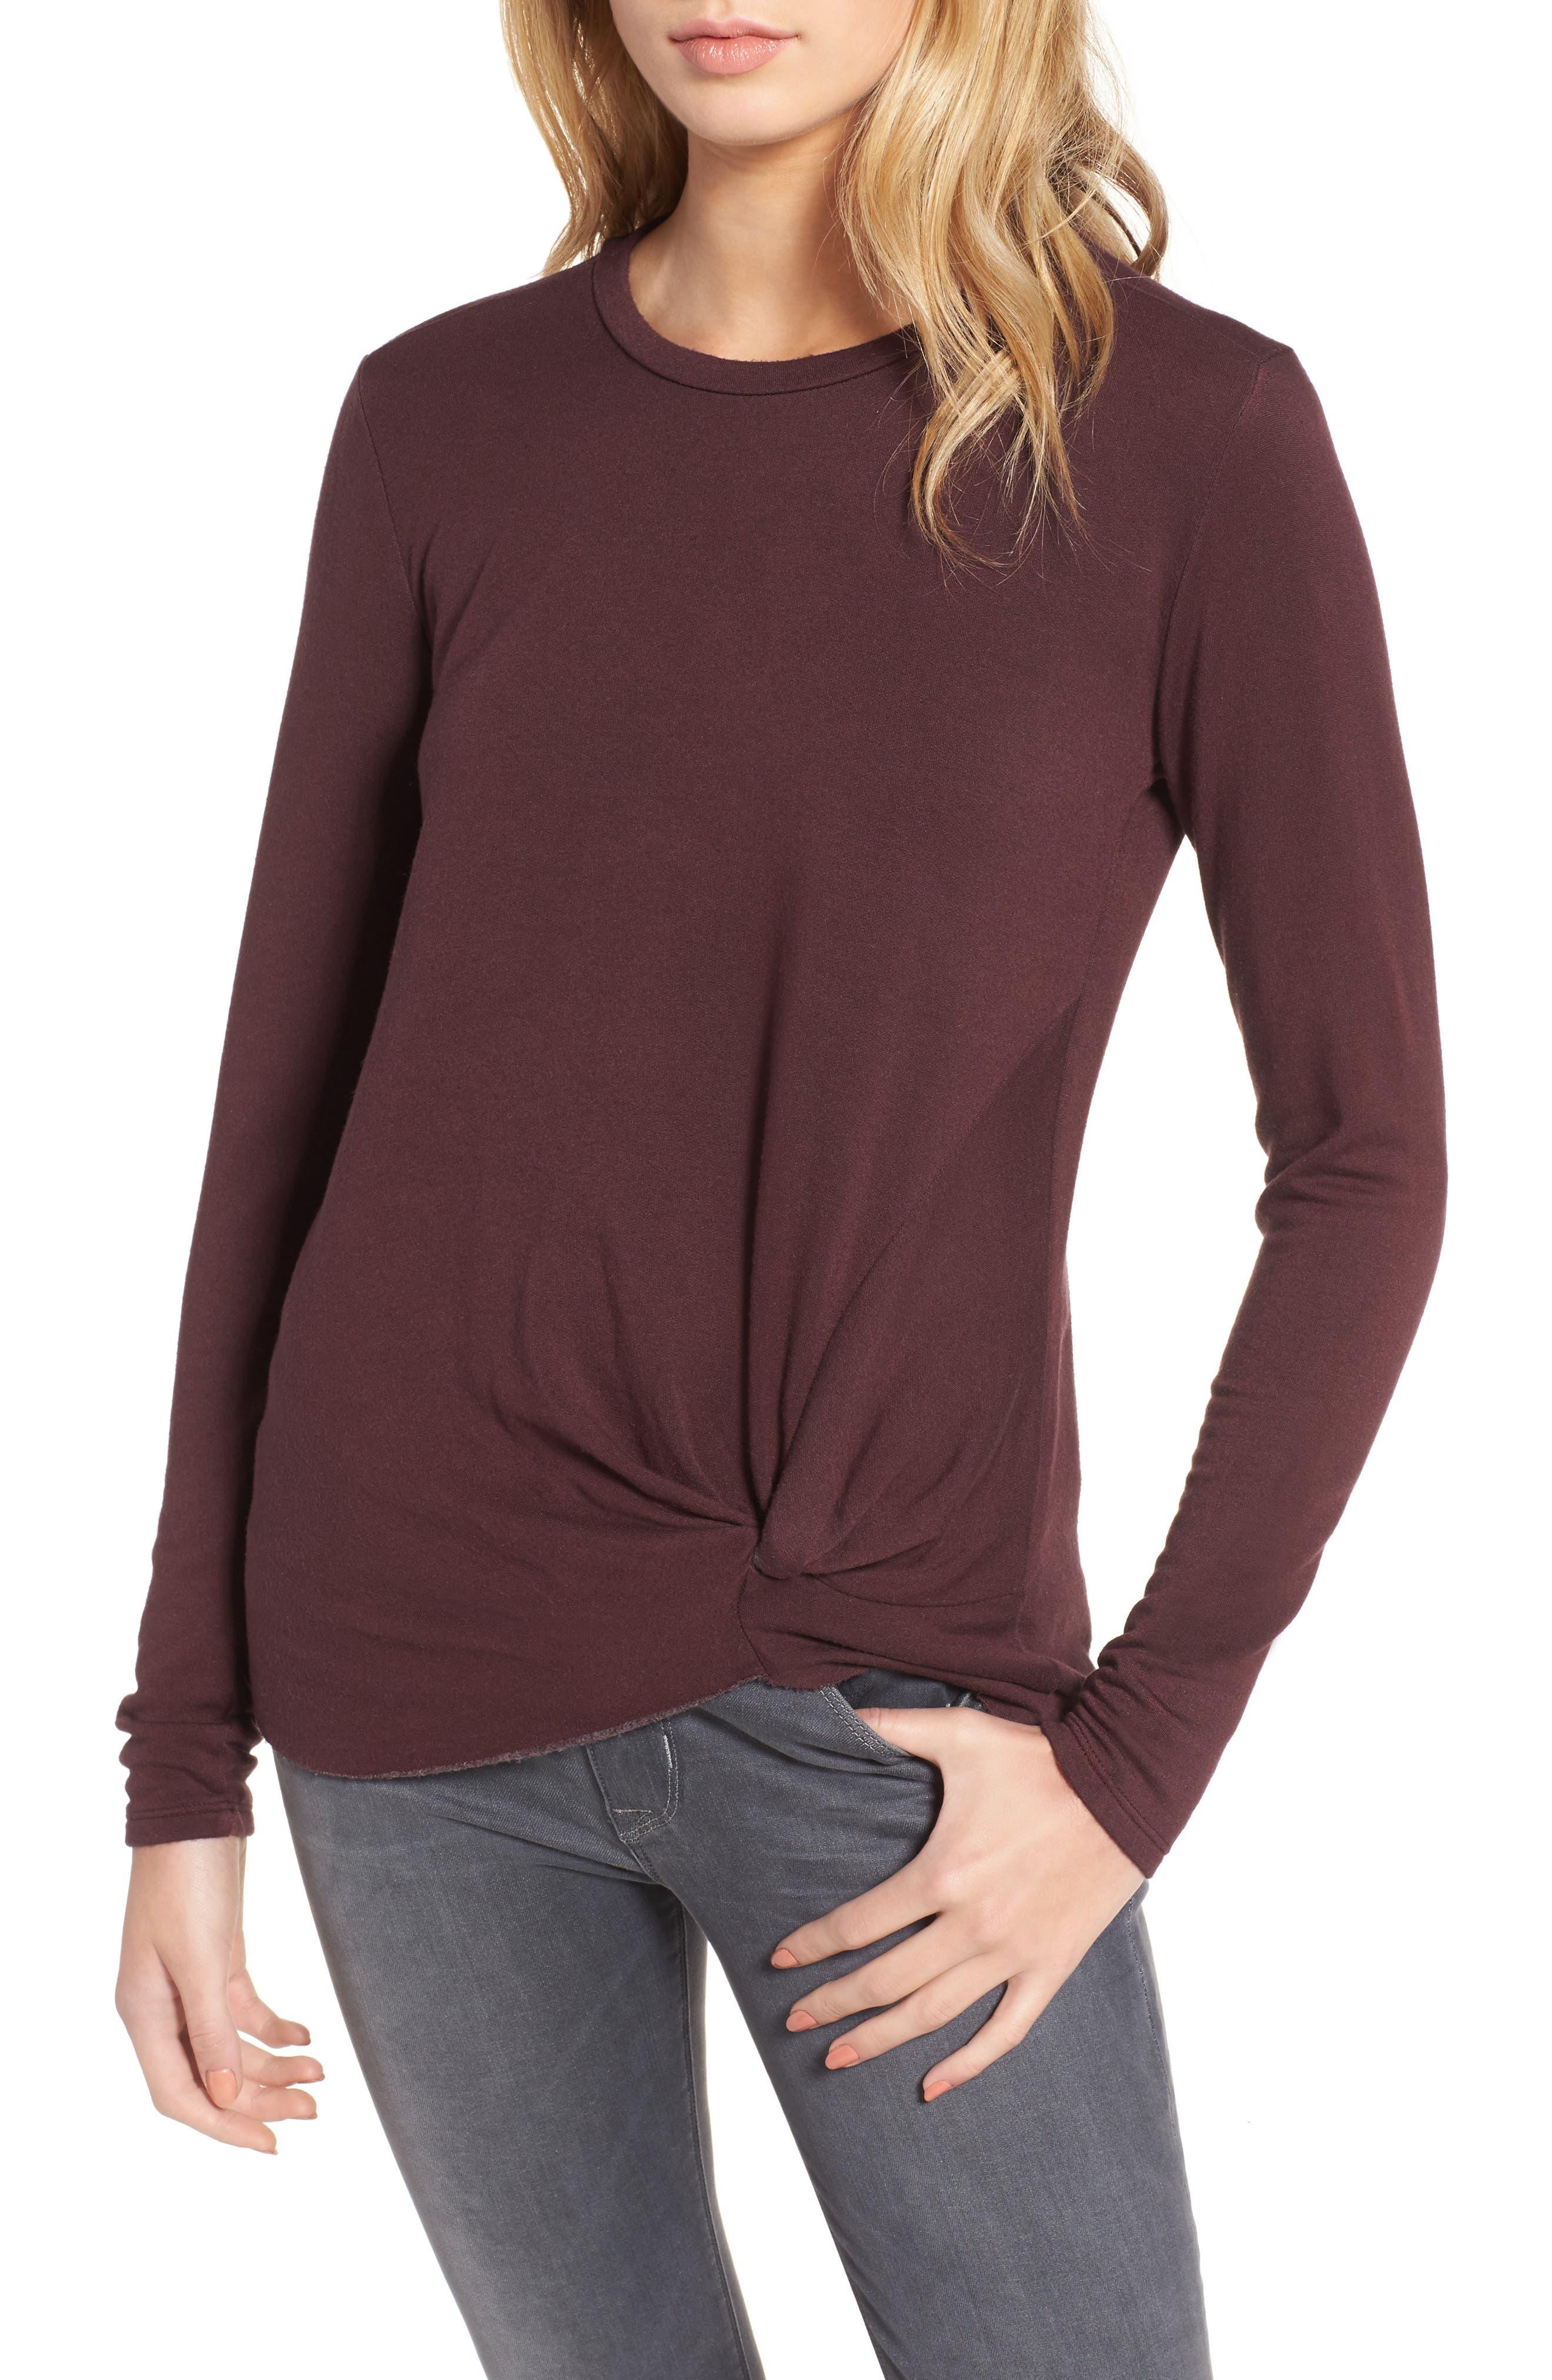 Main Image - Stateside Twist Front Fleece Sweatshirt